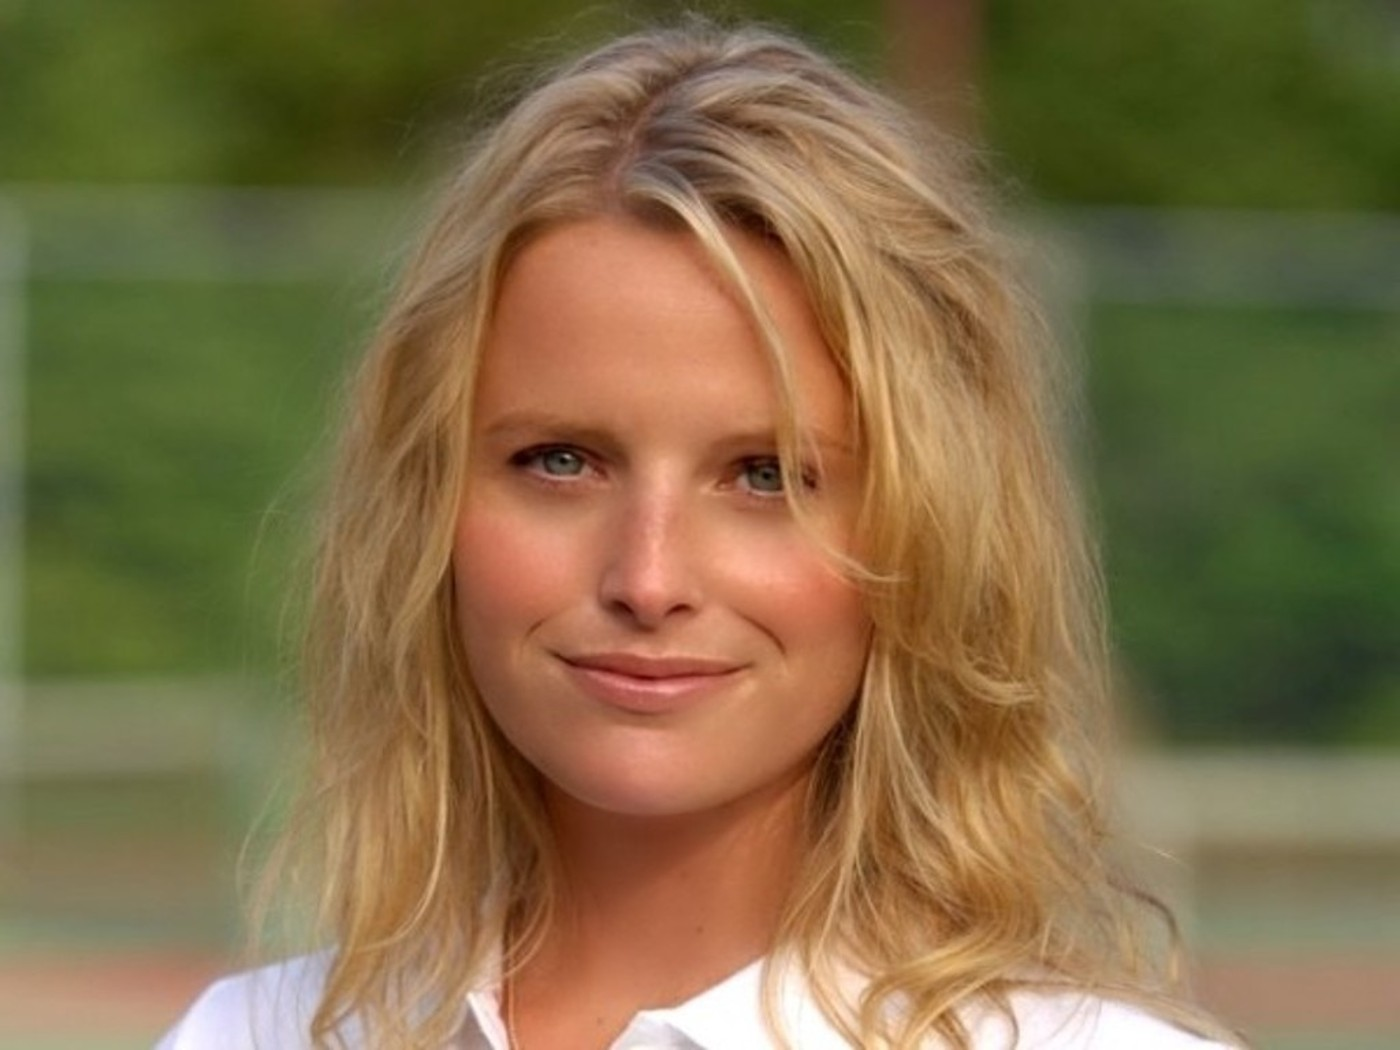 Sarah Smyth